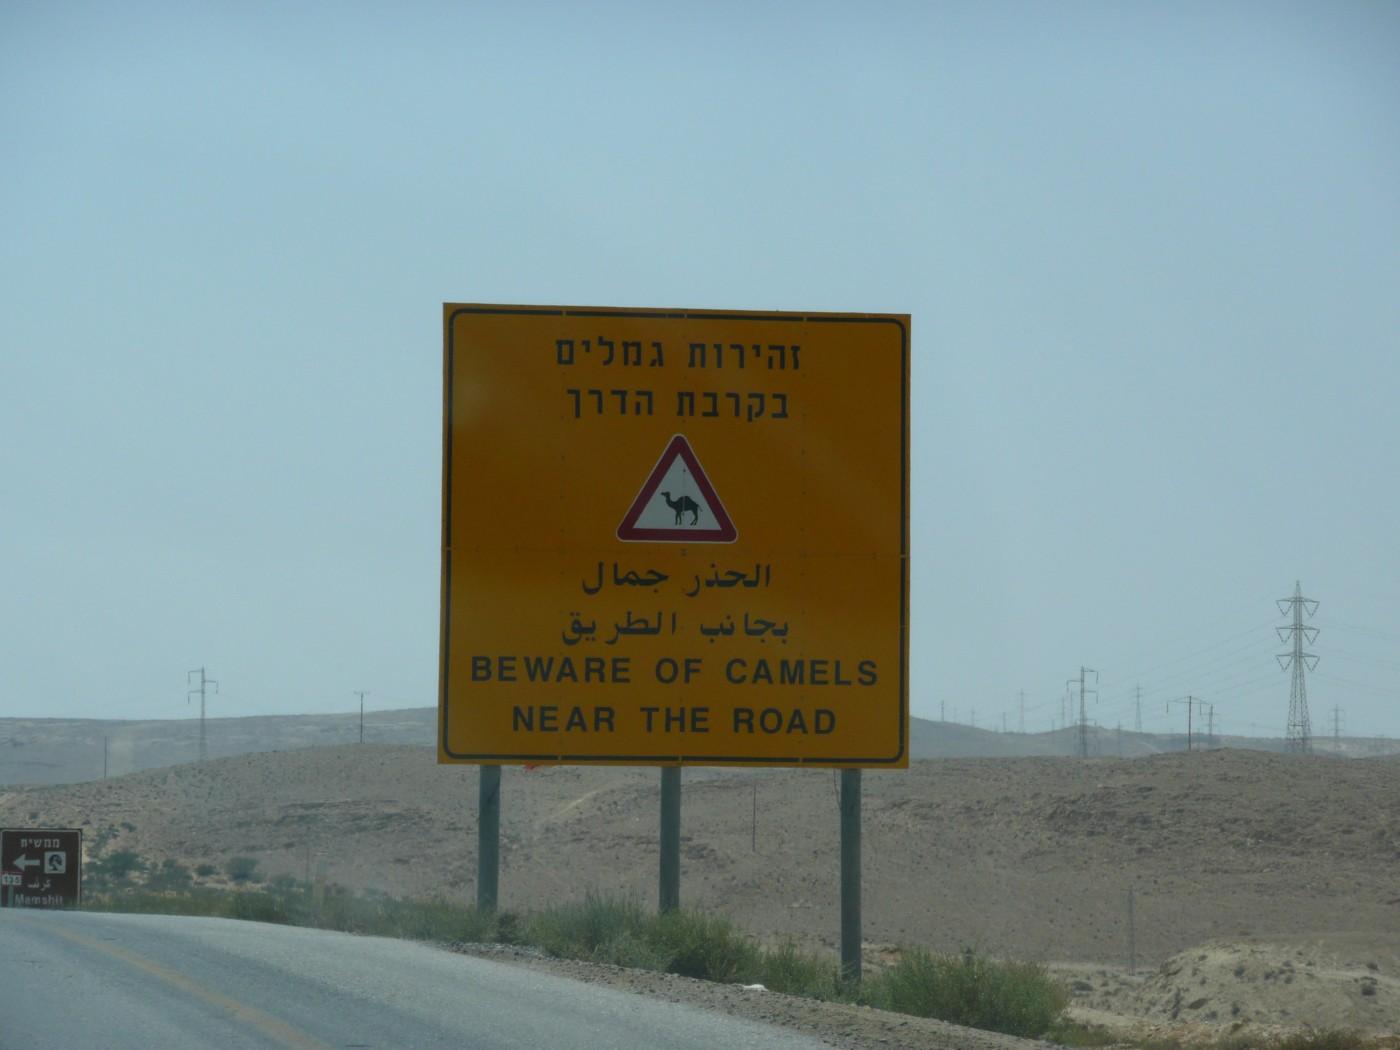 Beware of Camels